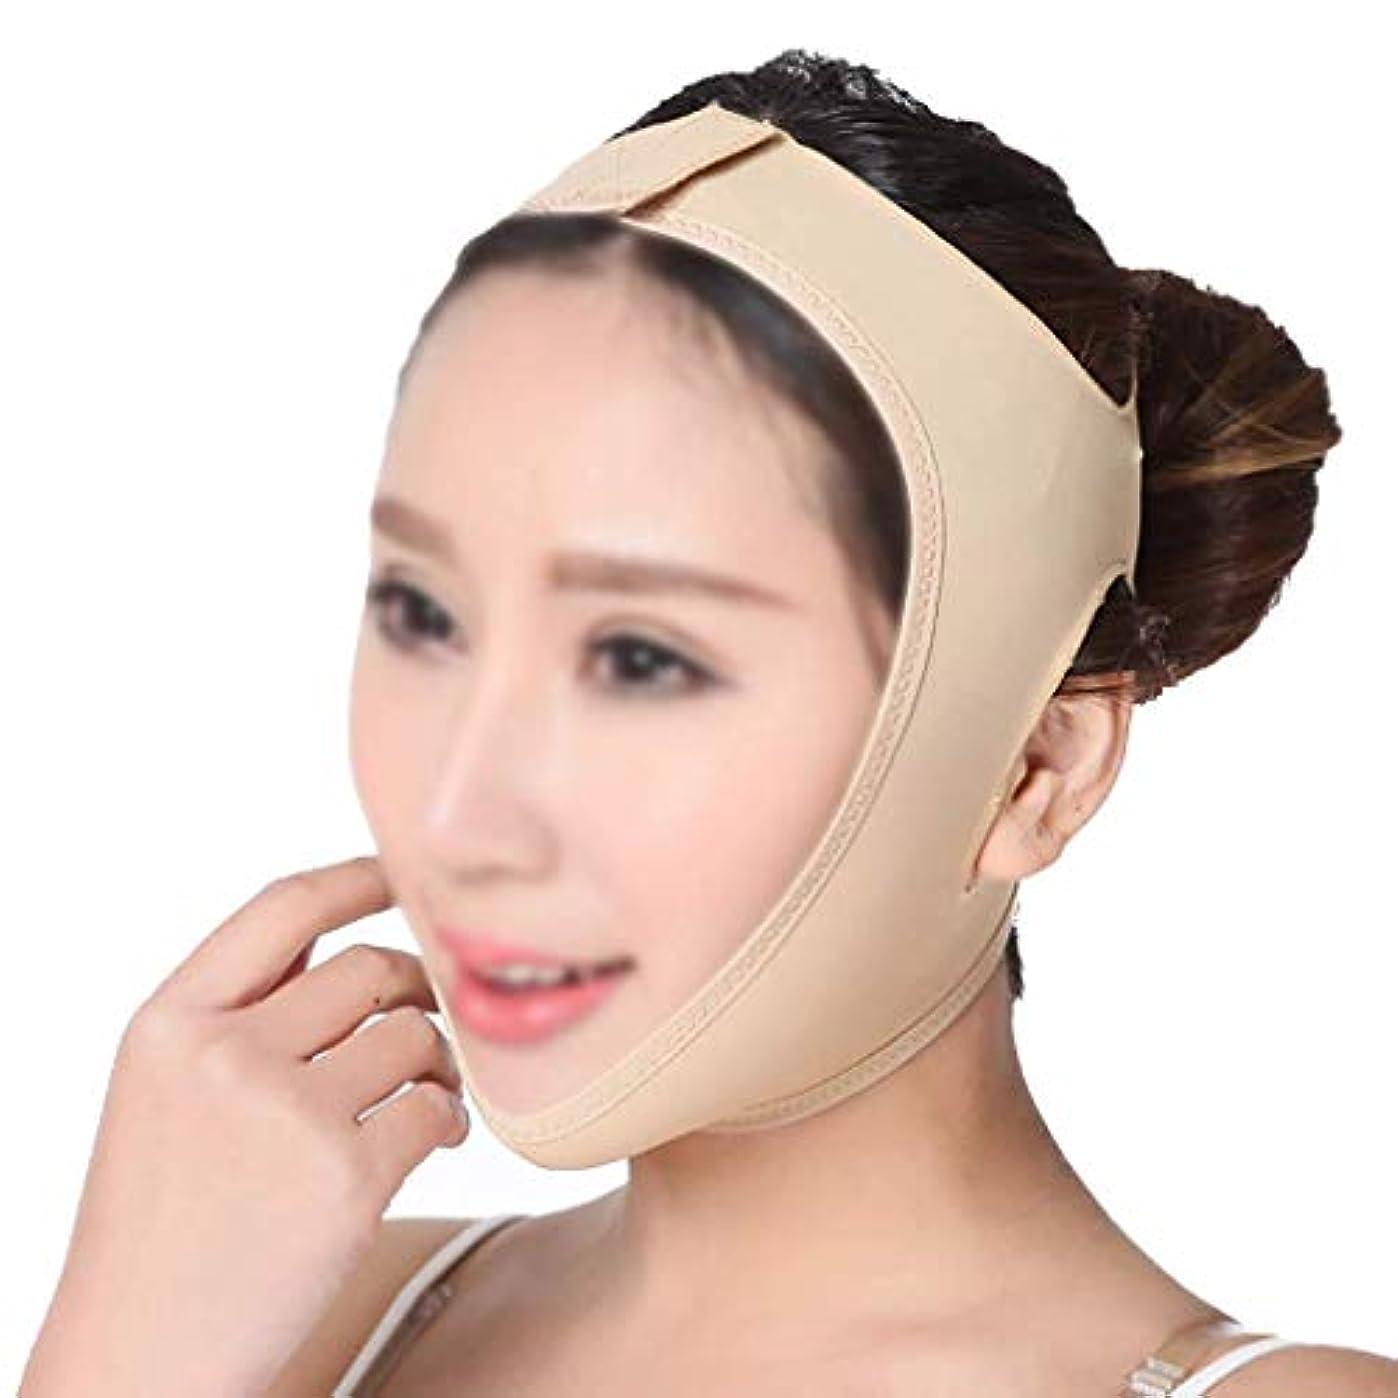 影のある流用するおもちゃフェイスリフティングマスク、リフティングチン、フェイシャルスキン、頬垂れ防止、快適で 生地、詰まることを拒否、着用が簡単(サイズ:M),S